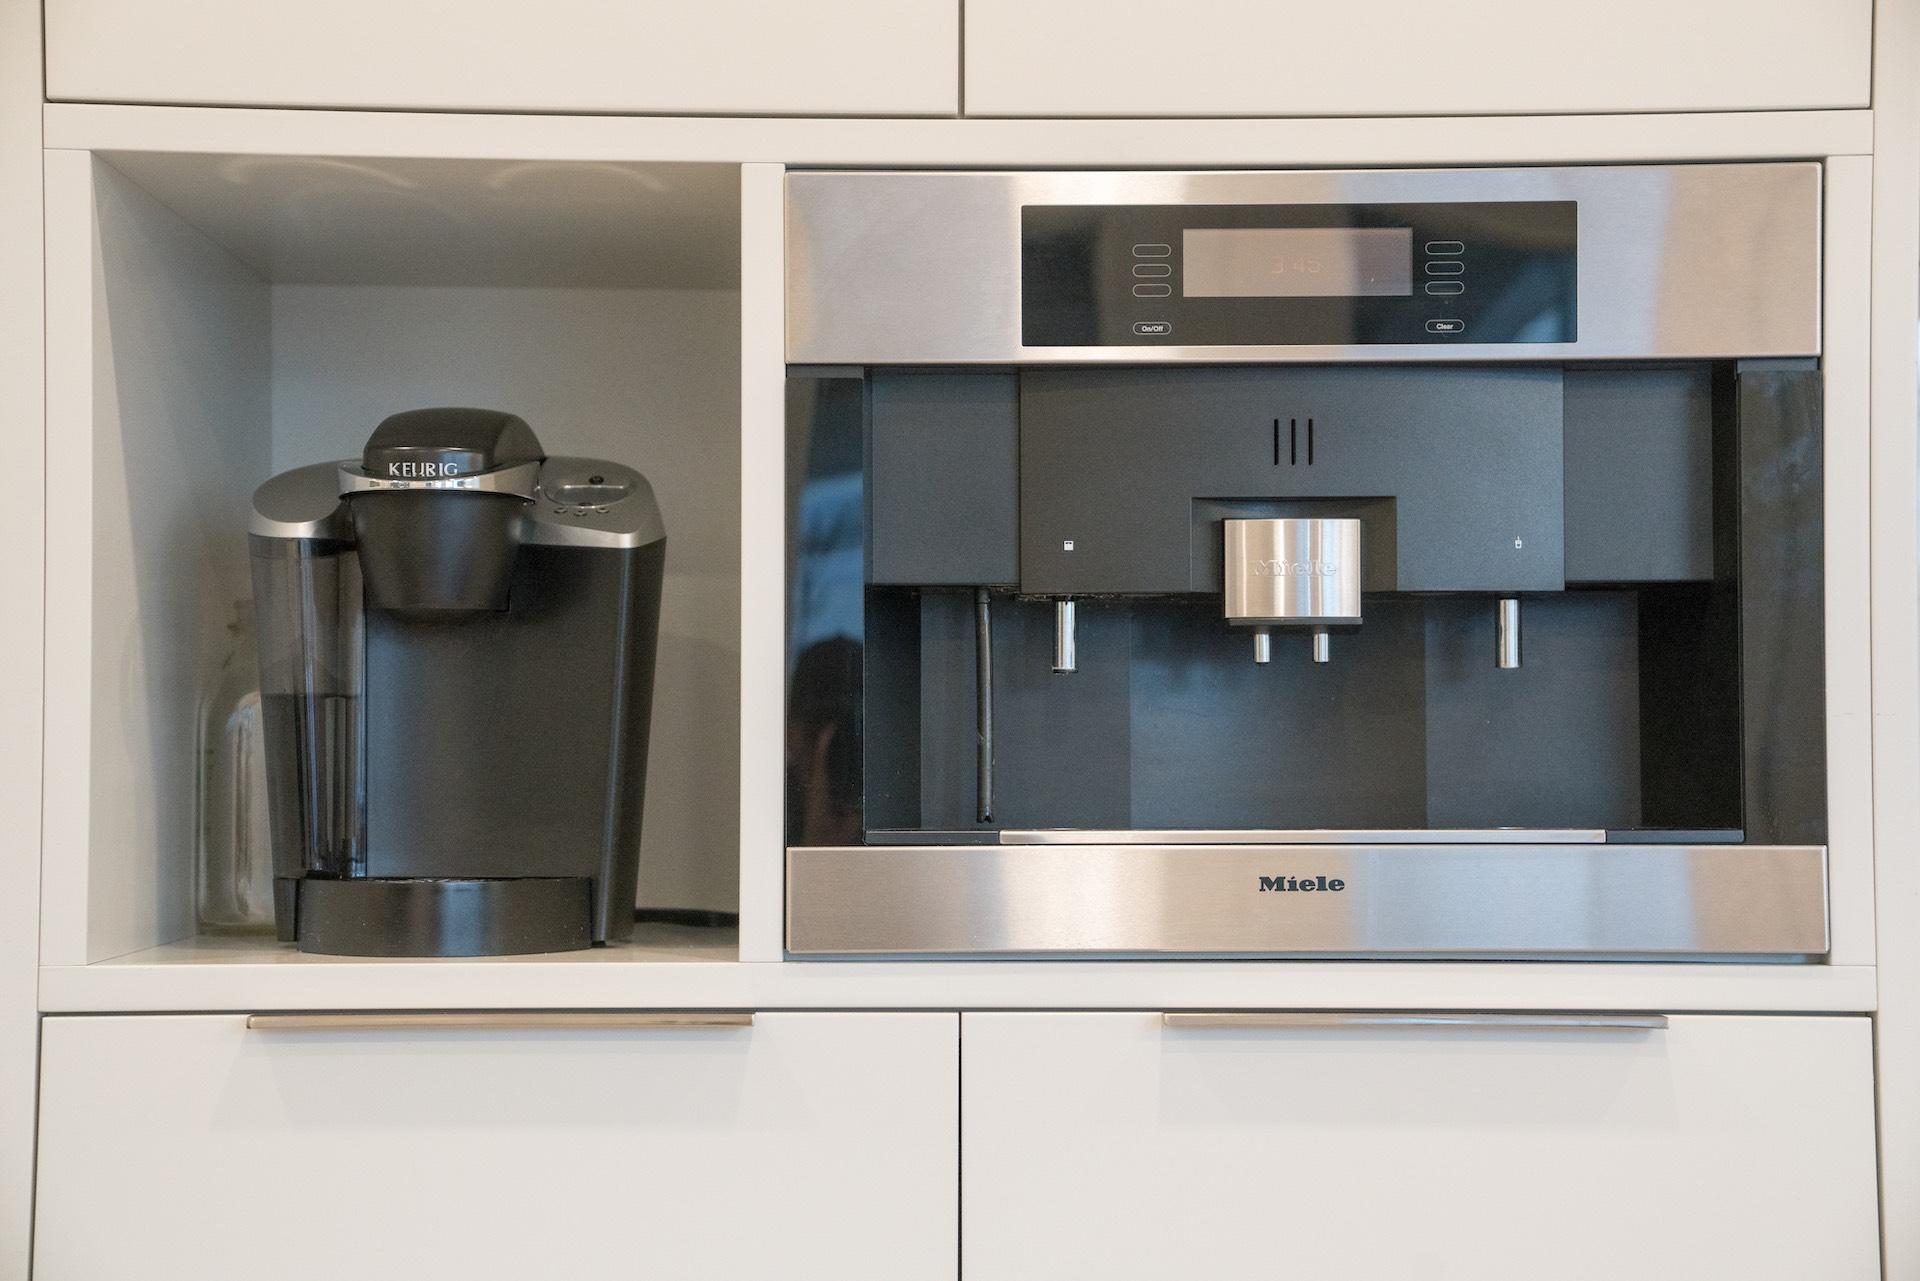 Espresso machine built into kitchen